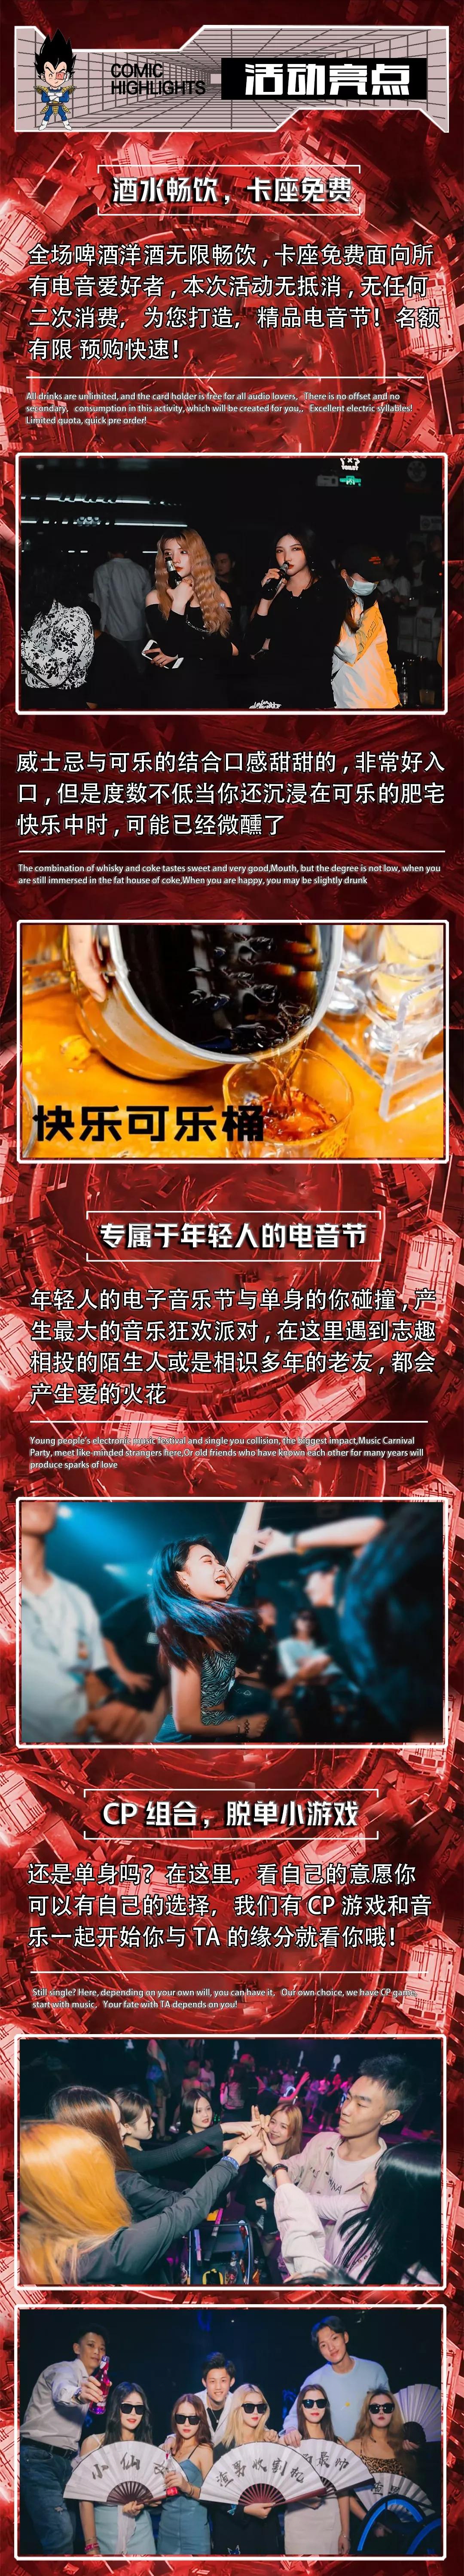 2021YOULO热血动漫电音节-太原站